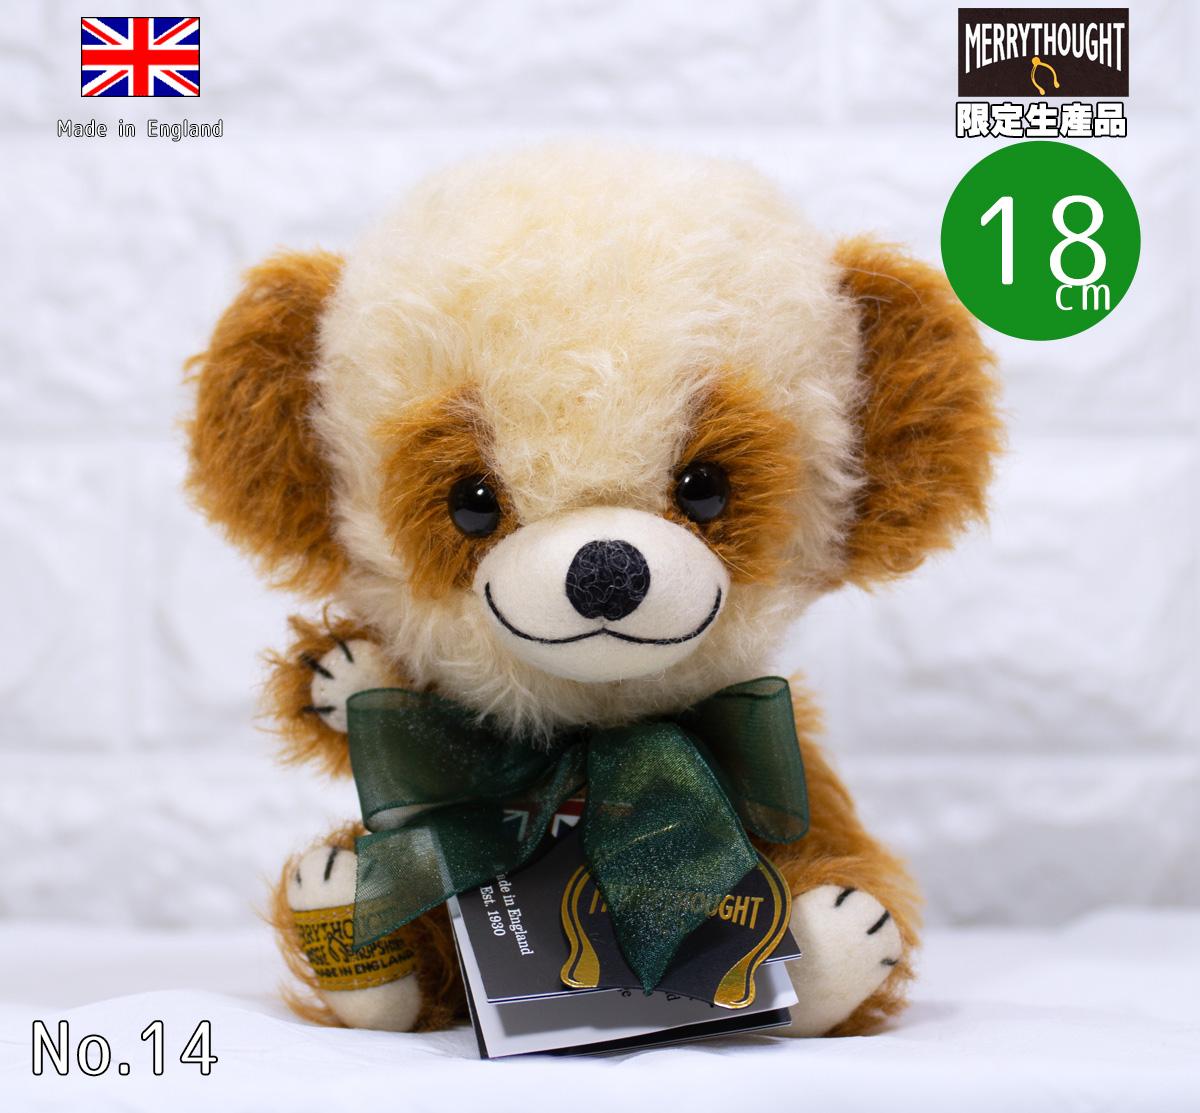 2019年世界限定 チーキーレッドパンダ 18cm テディベア ぬいぐるみ プレゼント コレクション クリスマス